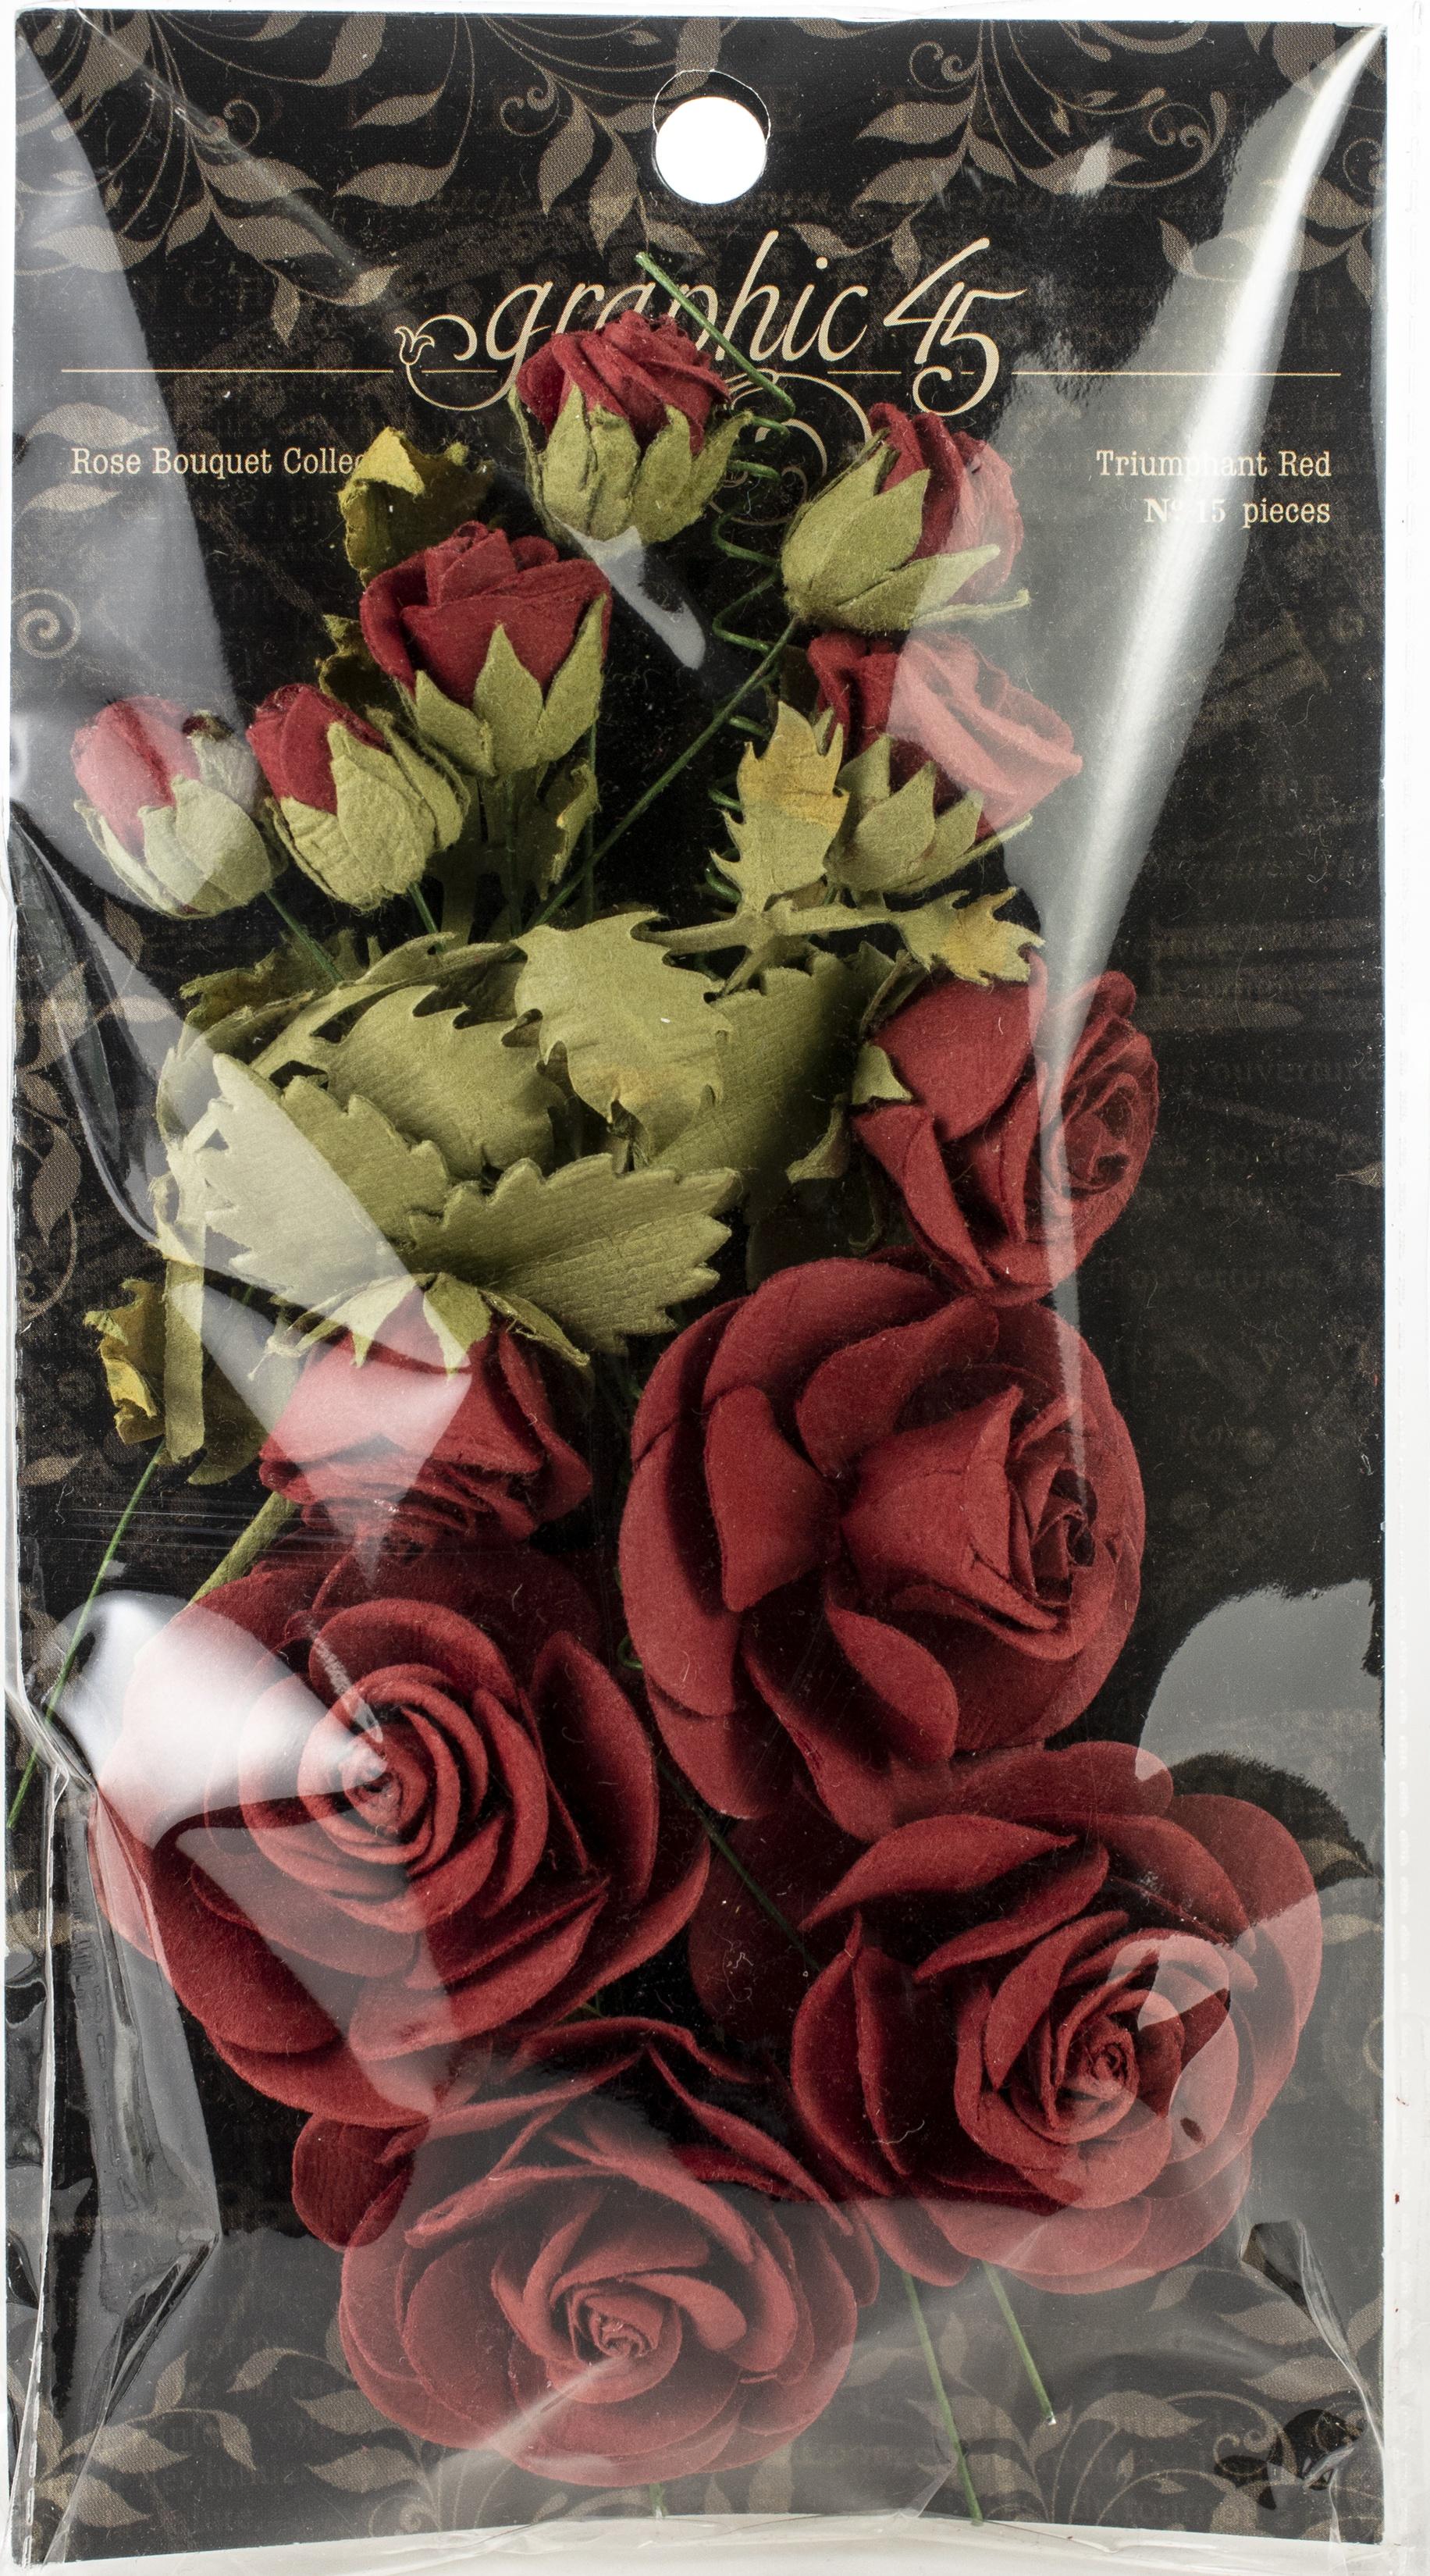 Rose Bouquet Triumphant Red